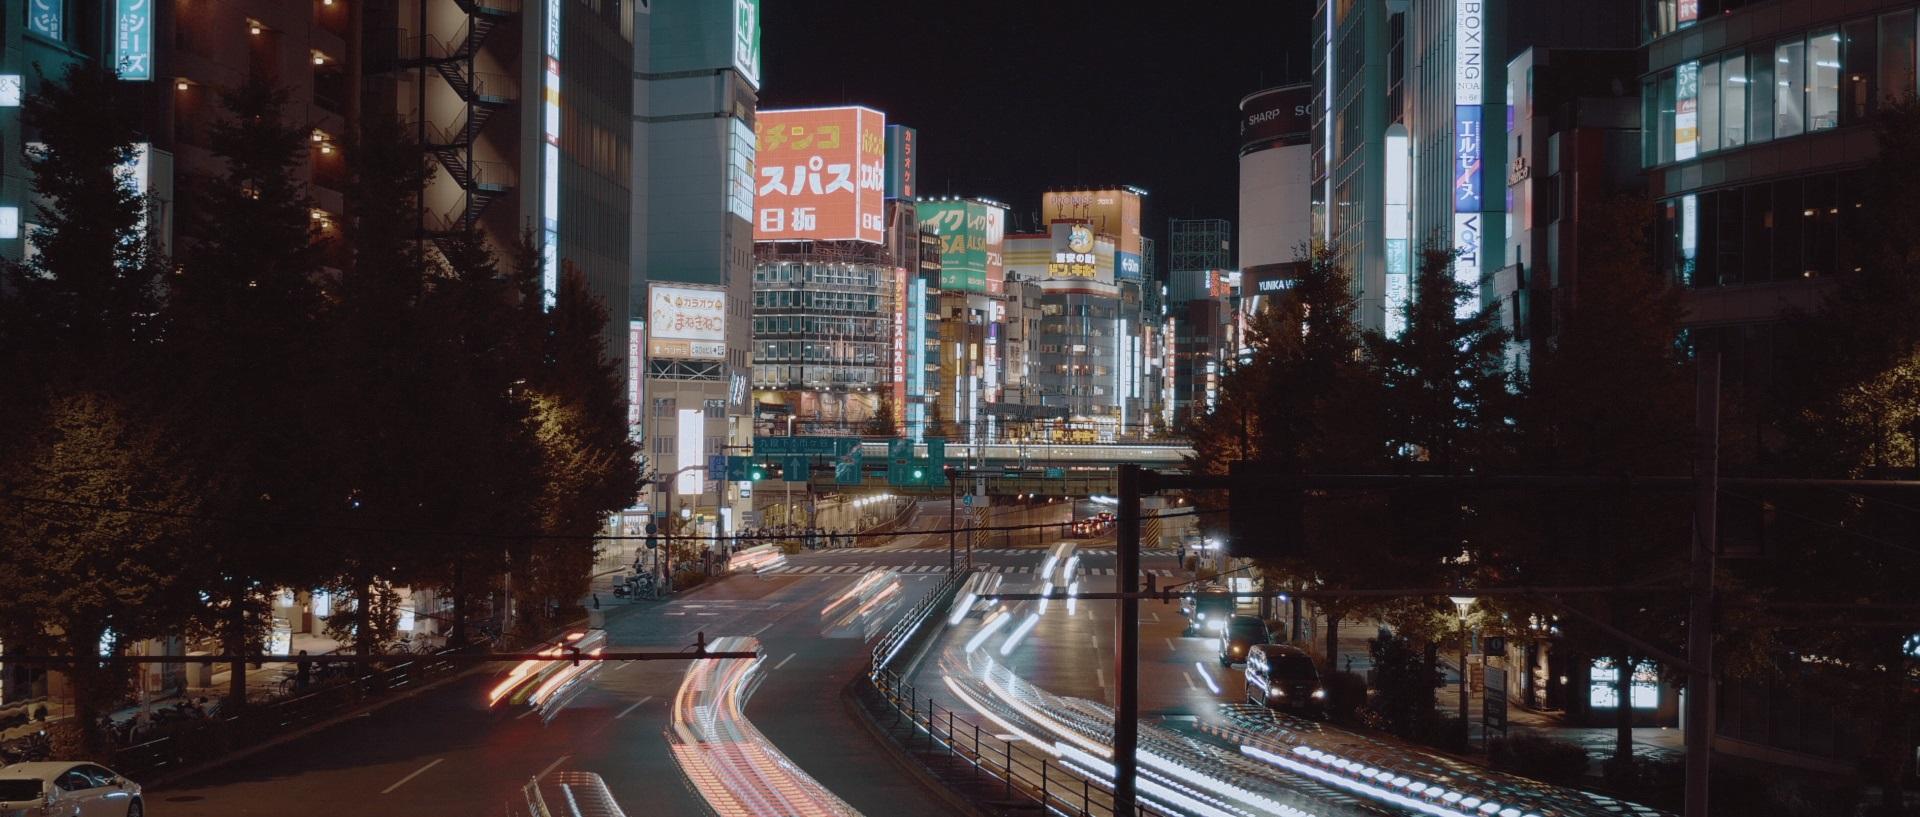 【Panasonic】GH5S 動画で長秒露光撮影 -光跡を撮る-